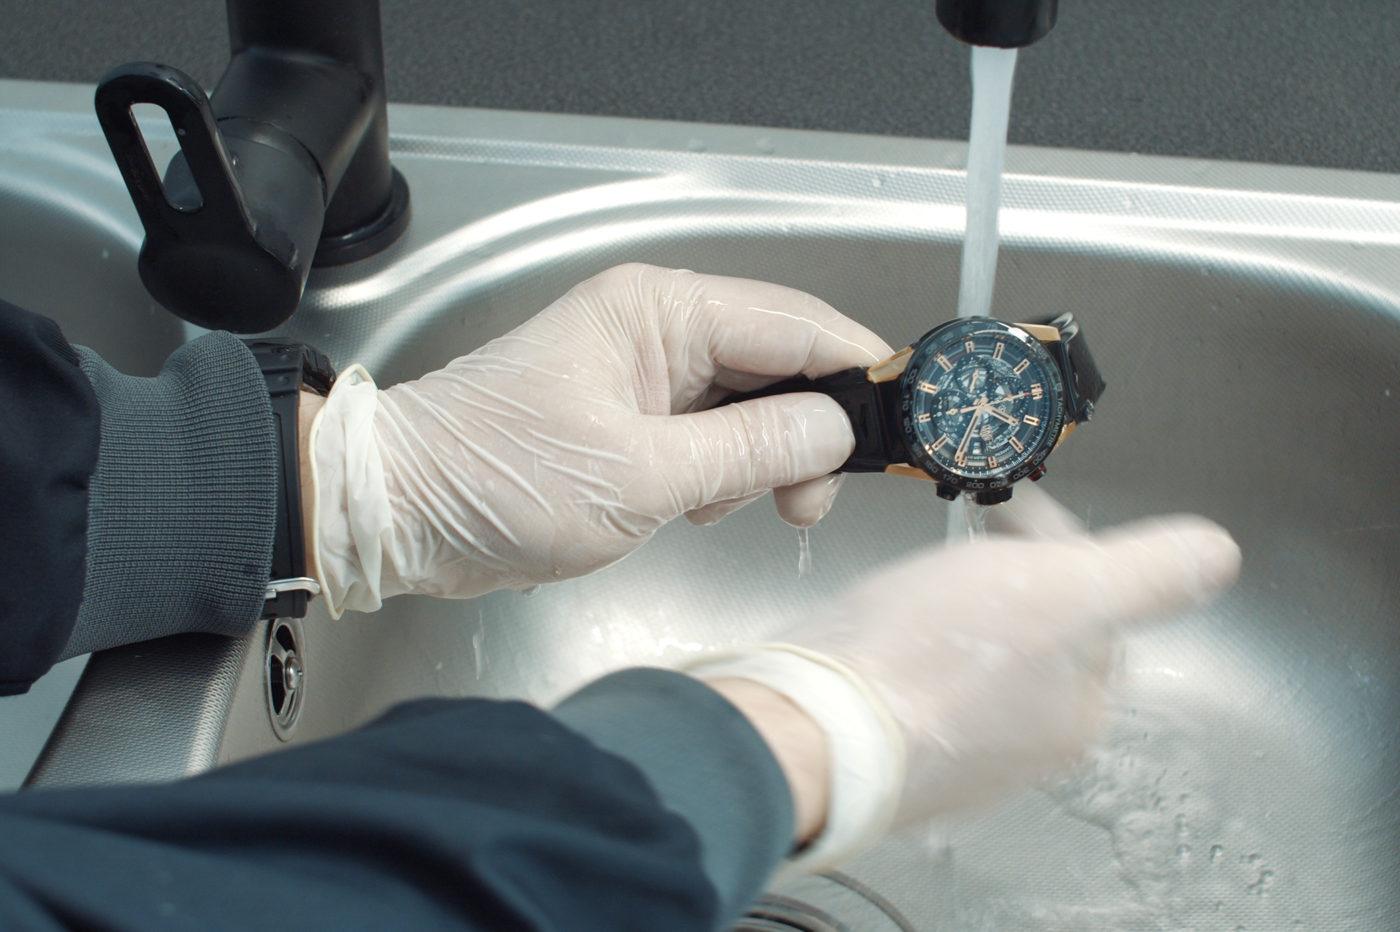 Czyszczenie zegarka w warunkach domowych